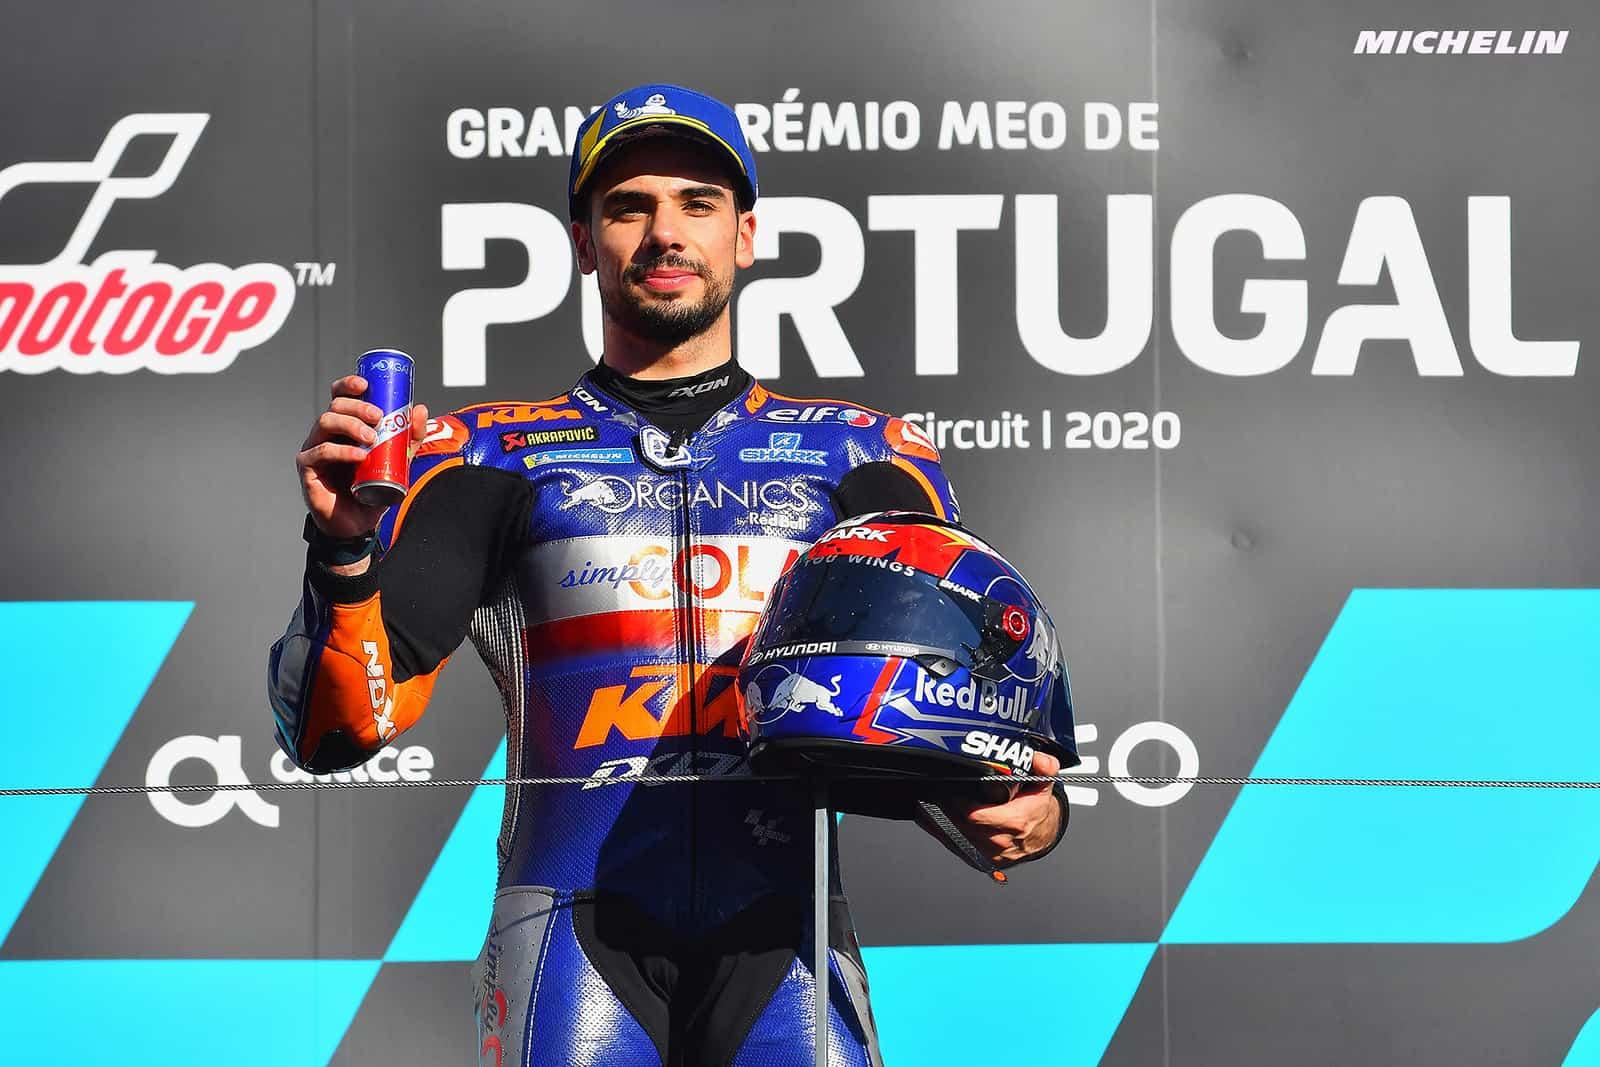 ポルトガルGP 優勝ミゲル・オリヴェイラ「最後まで自分の走りをコントロールしながらの優勝だった」